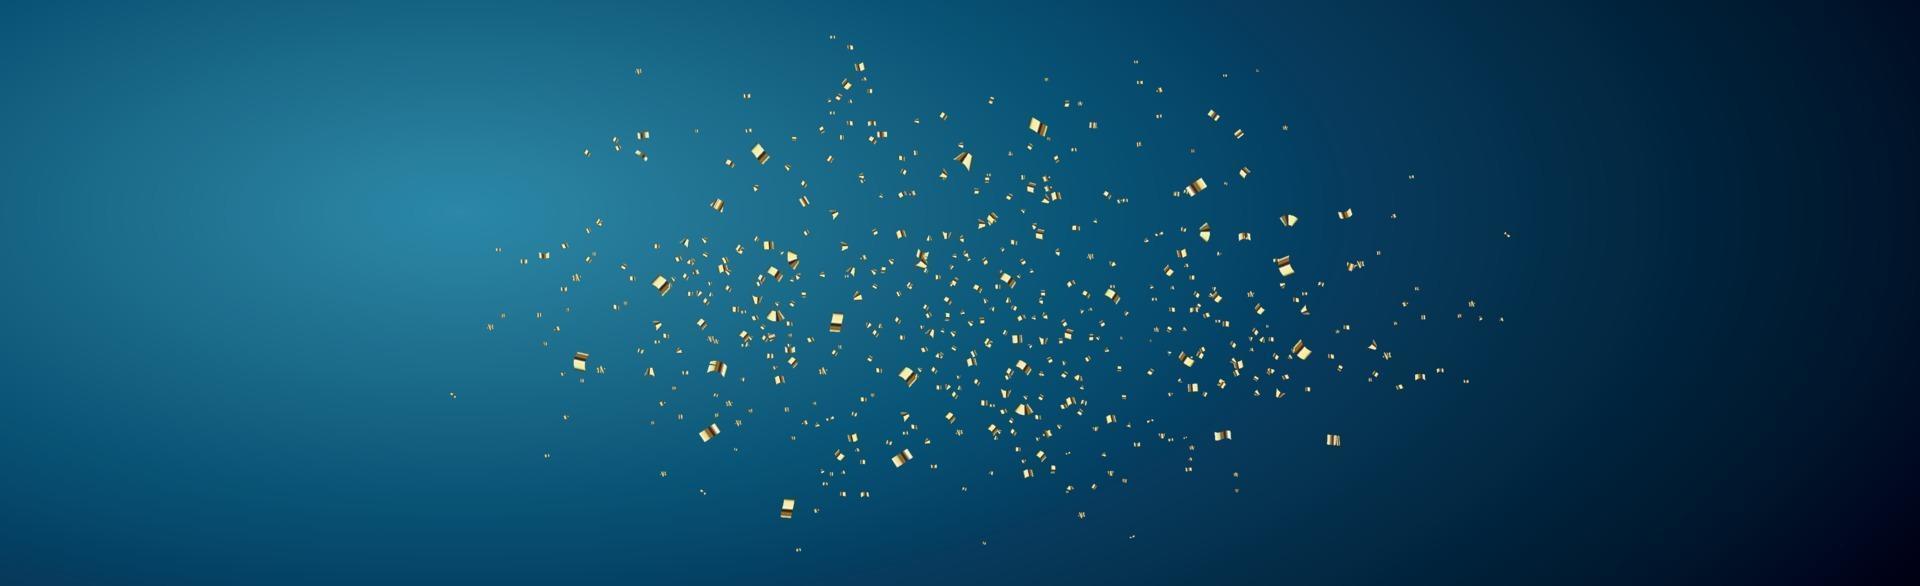 confettis dorés brillants sur fond bleu foncé - illustration vectorielle vecteur